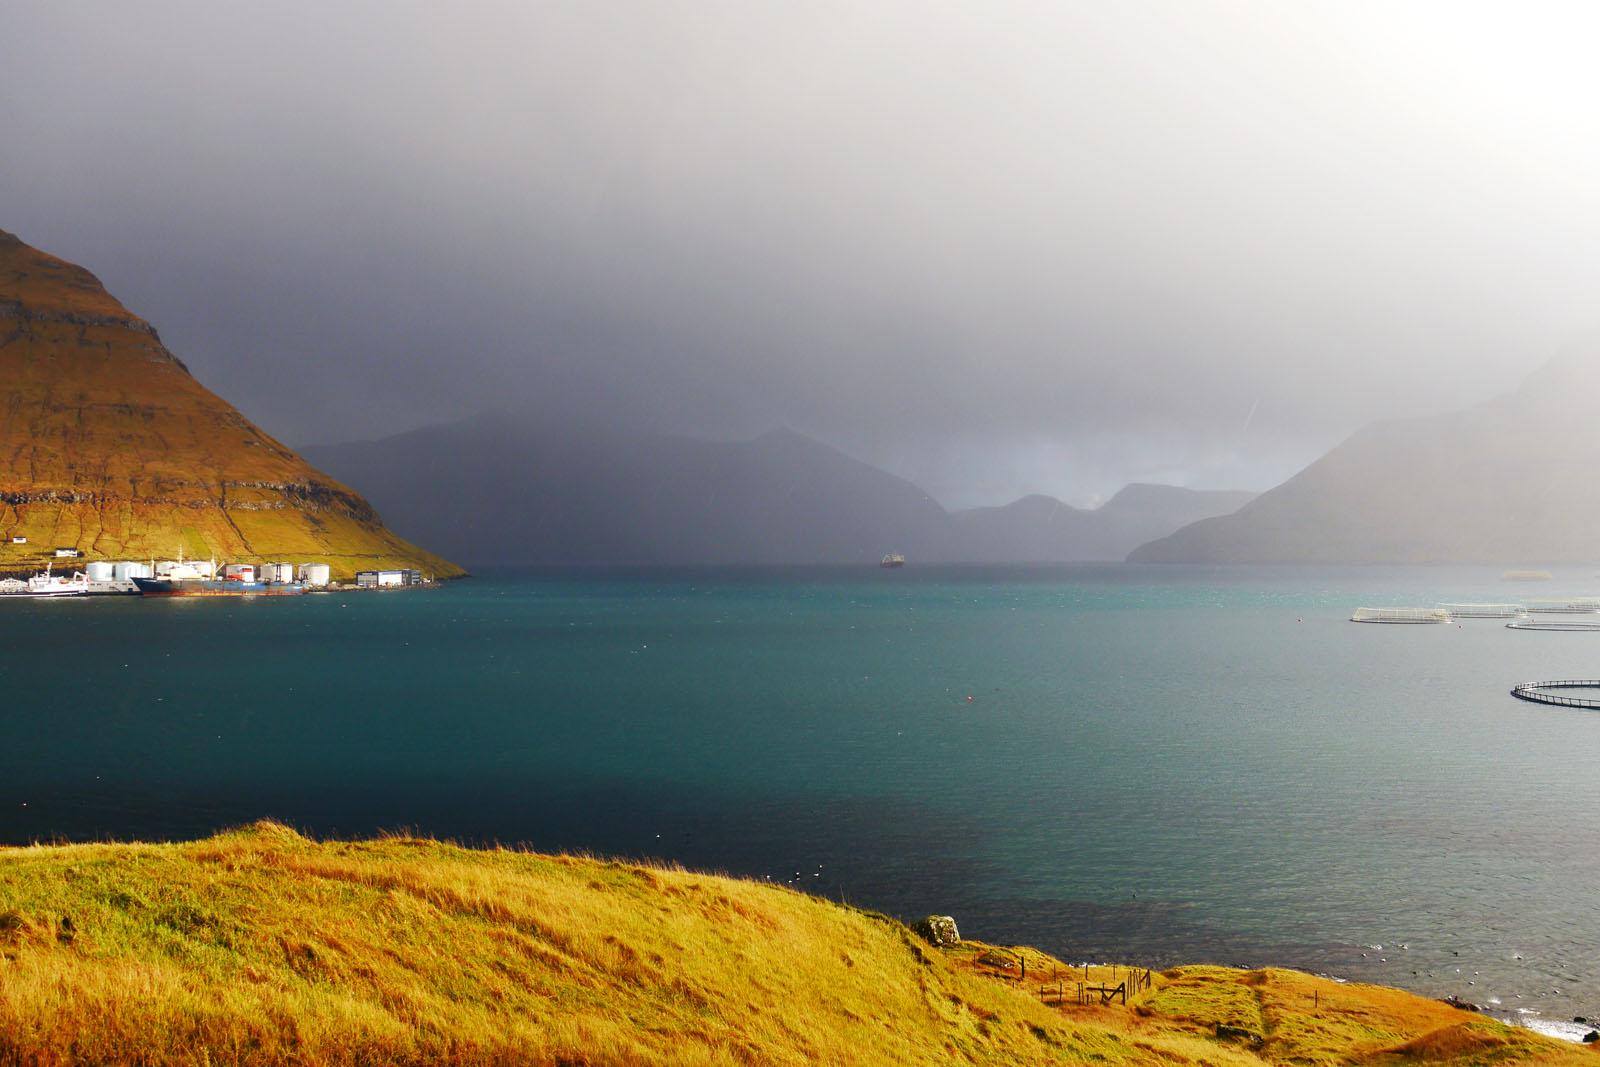 Eysturoy-Faroer Inseln-Fuglafjordur-berge-sonnenaufgang-regen-fjord